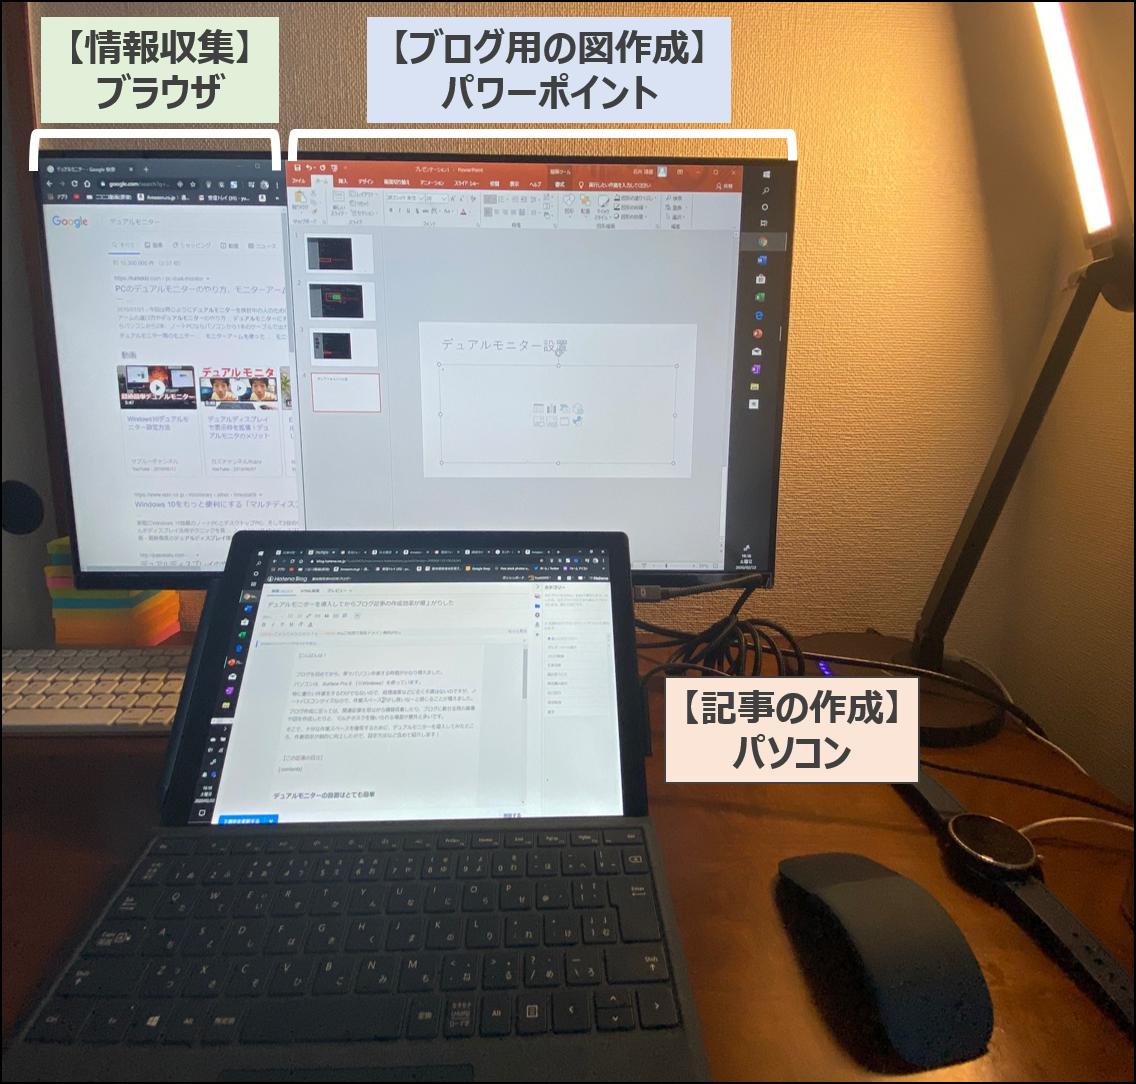 f:id:Yuuki0455:20200222172748p:plain